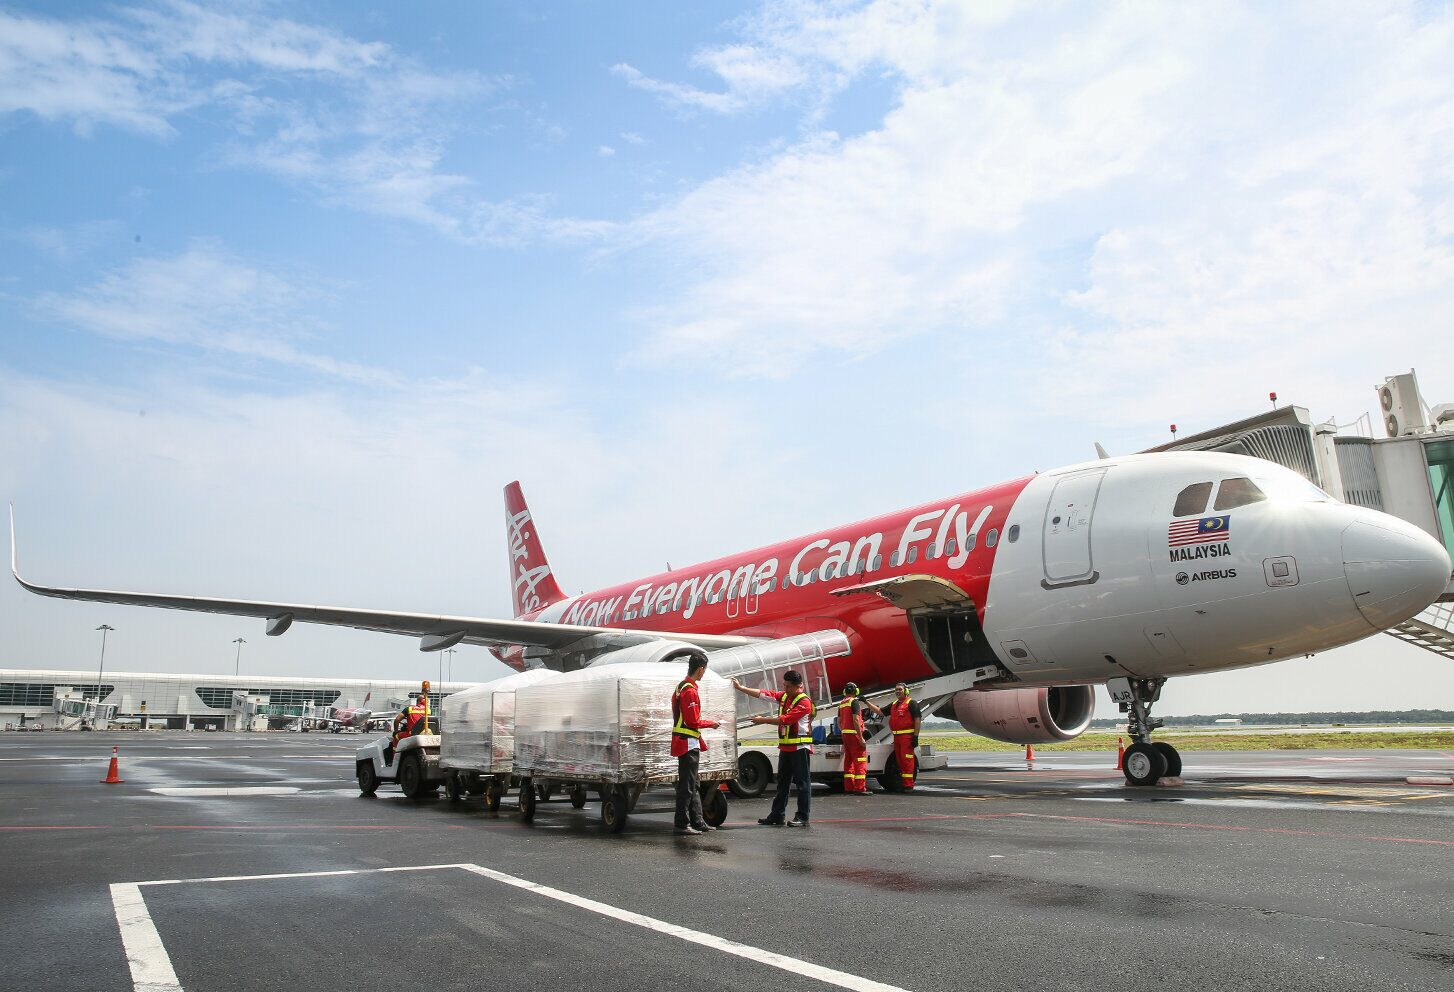 แอร์เอเชีย เทเลพอร์ต เปิดบริการขนส่งสินค้าโบอิ้ง 737-800 และ A320 ดัดแปลงเฉพาะ